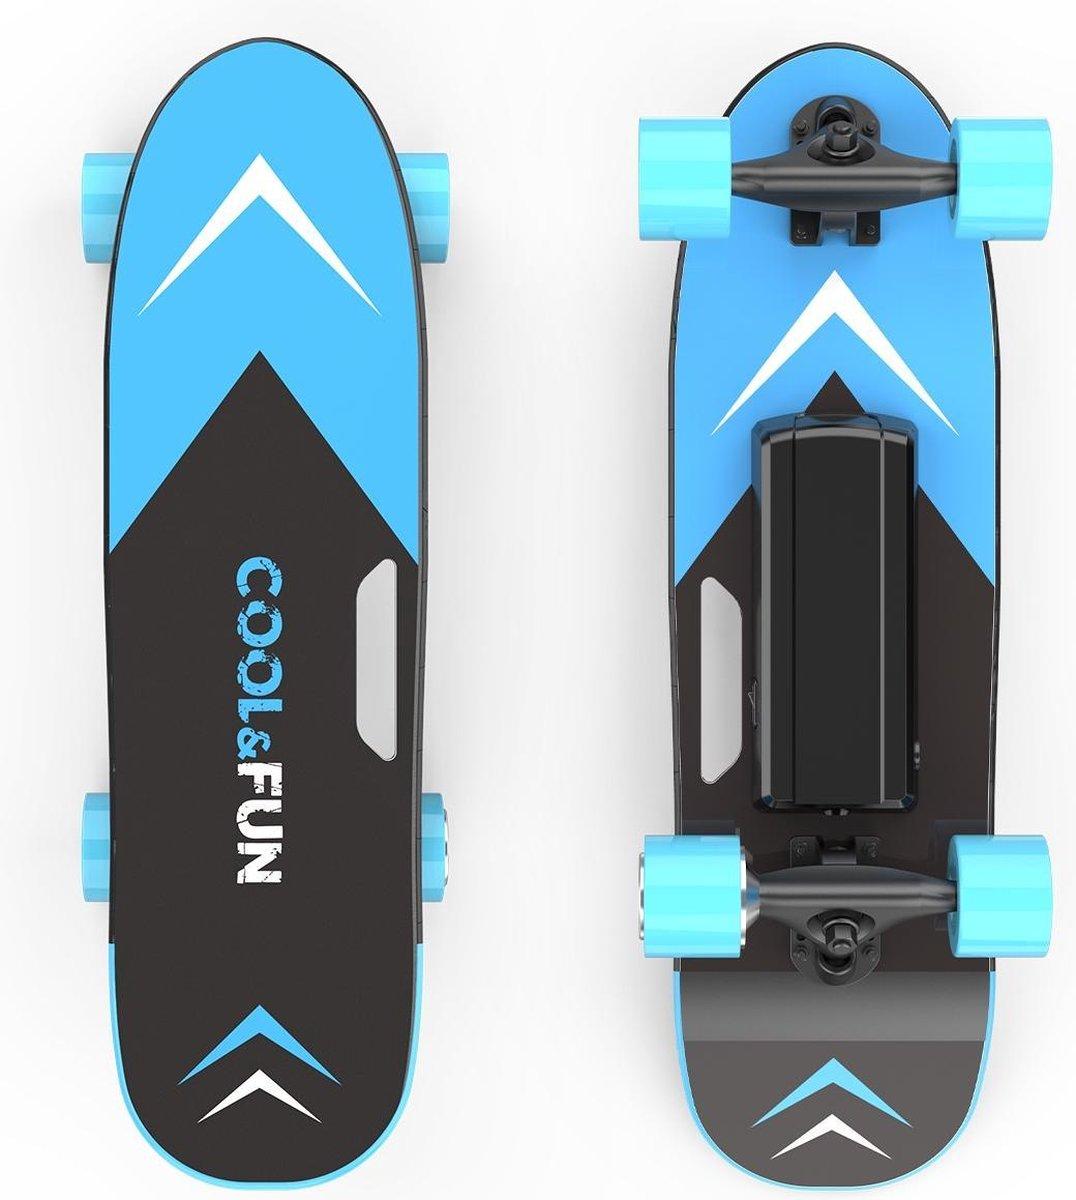 Elektrisch Skateboard met afstandsbediening - 150W - 12-15 km/u - Blauw